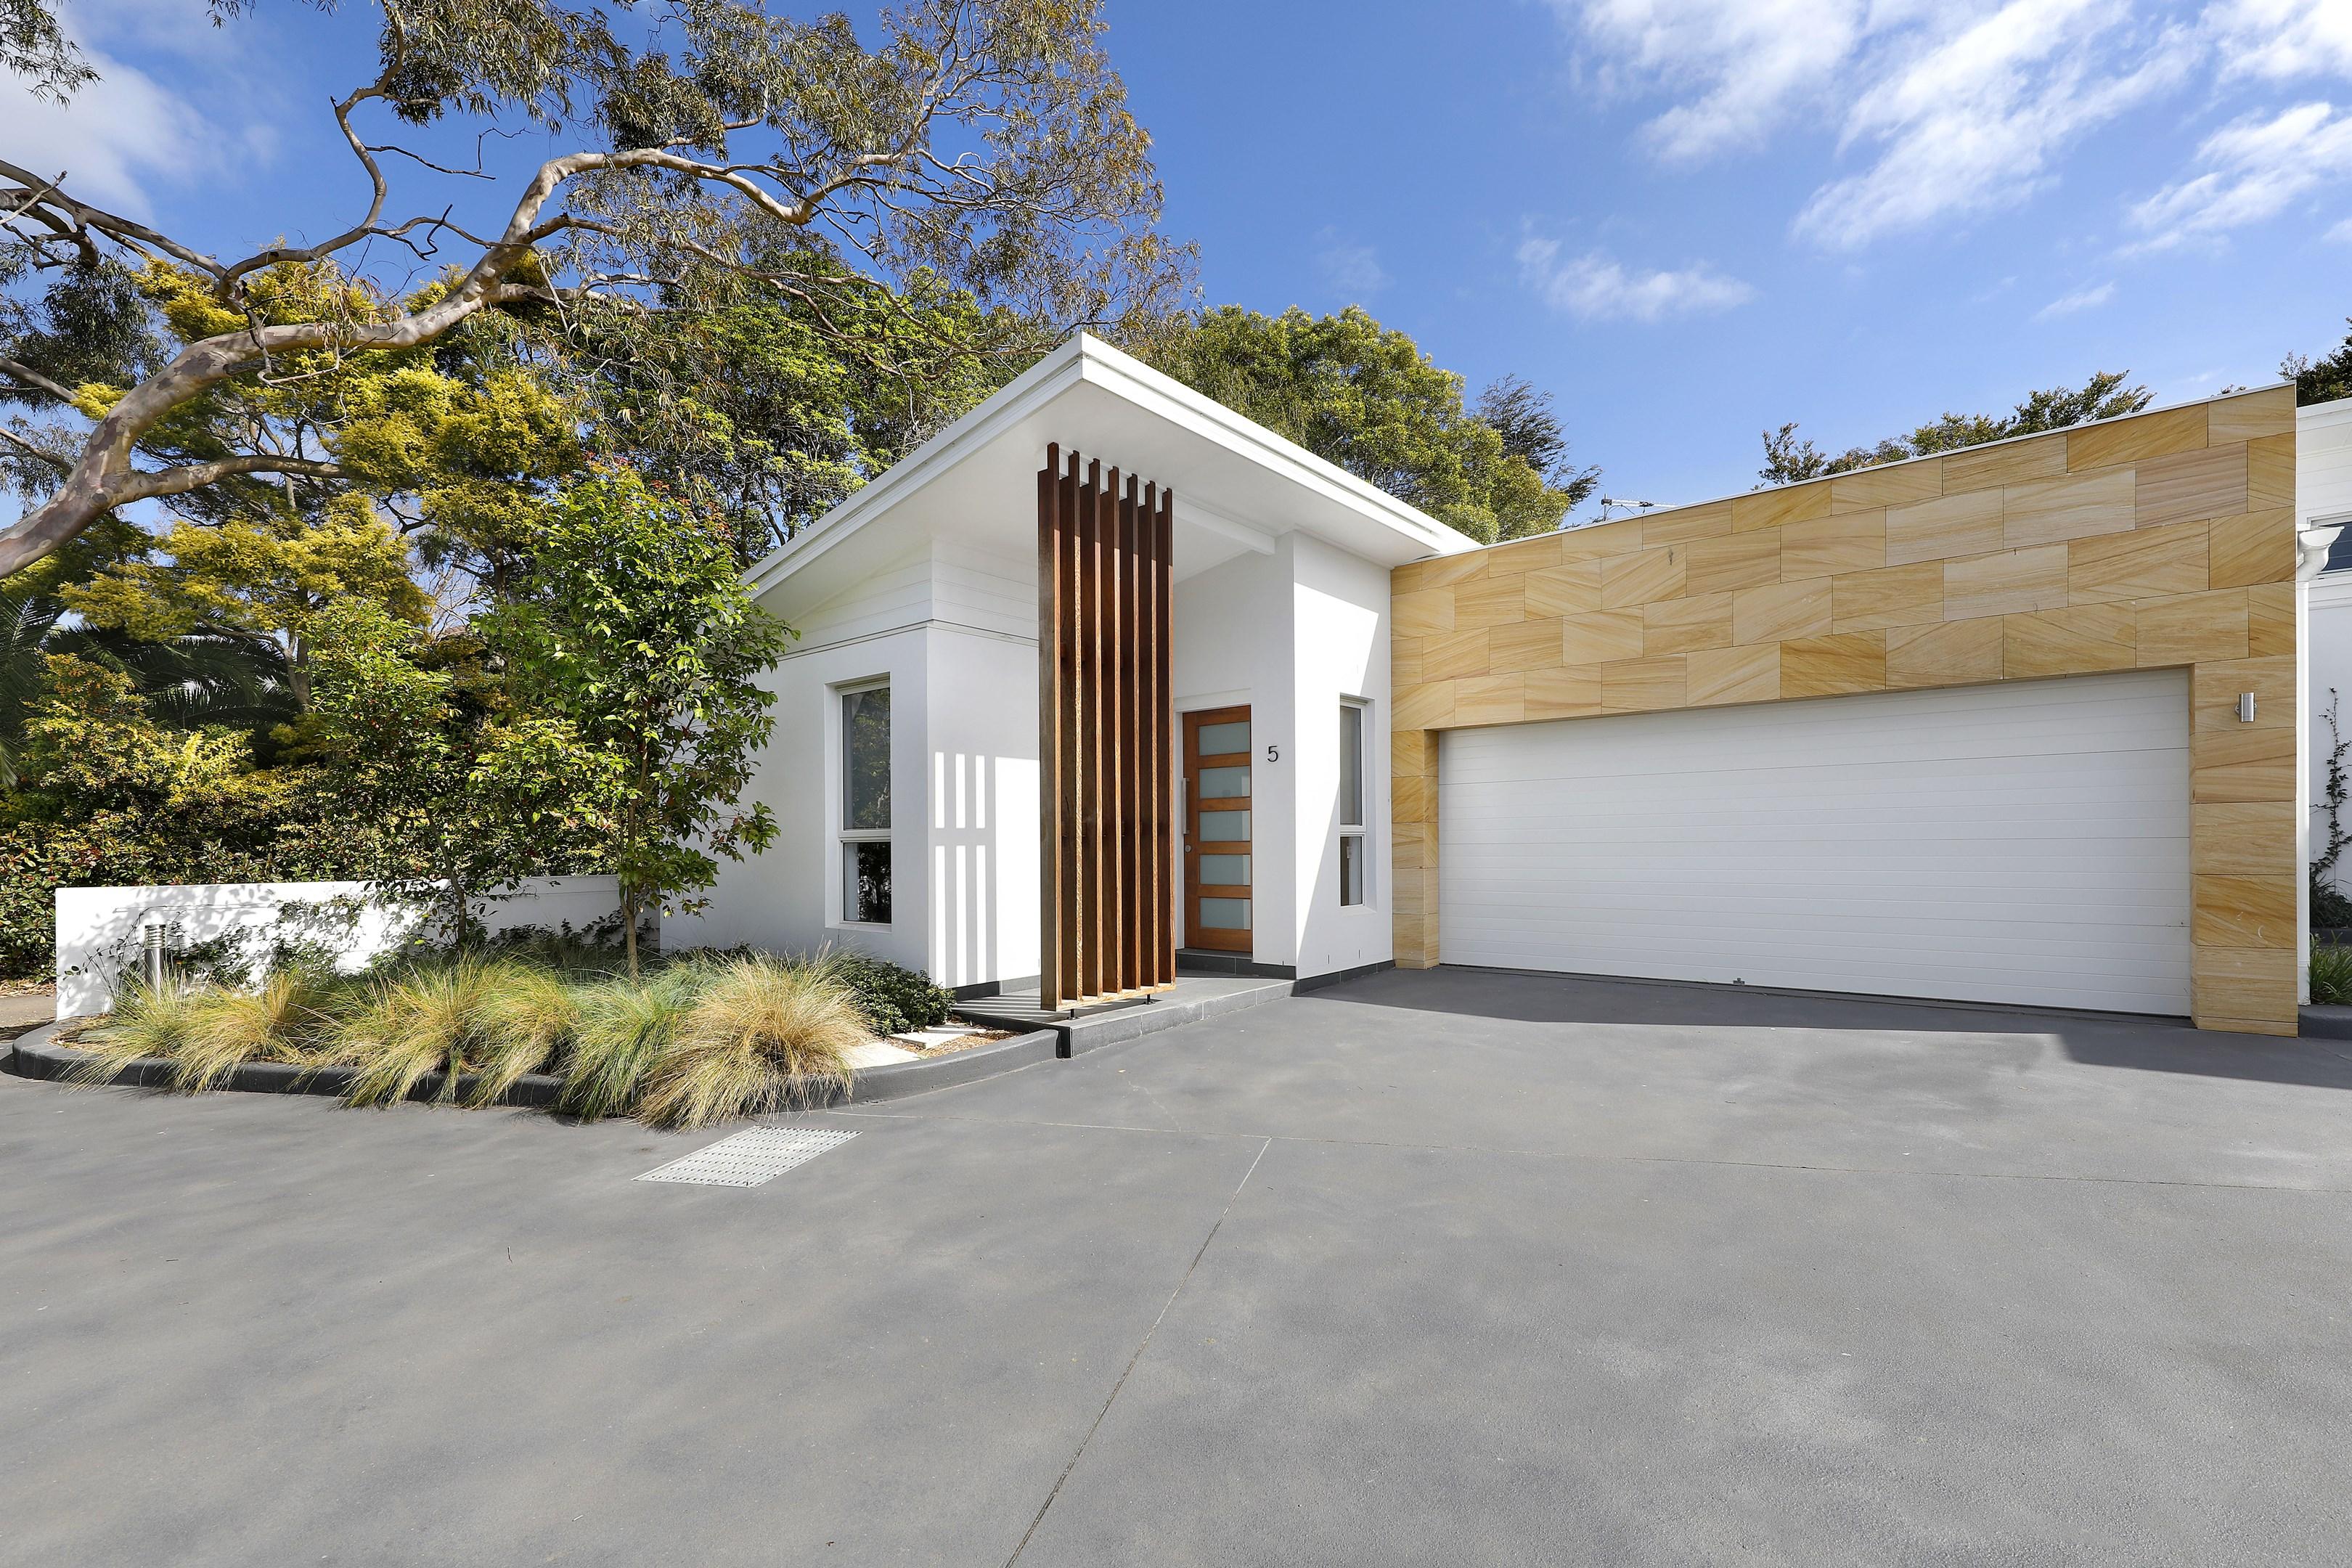 5/7 Lehane Plaza, Villa For Sale in Dolans Bay NSW 2229